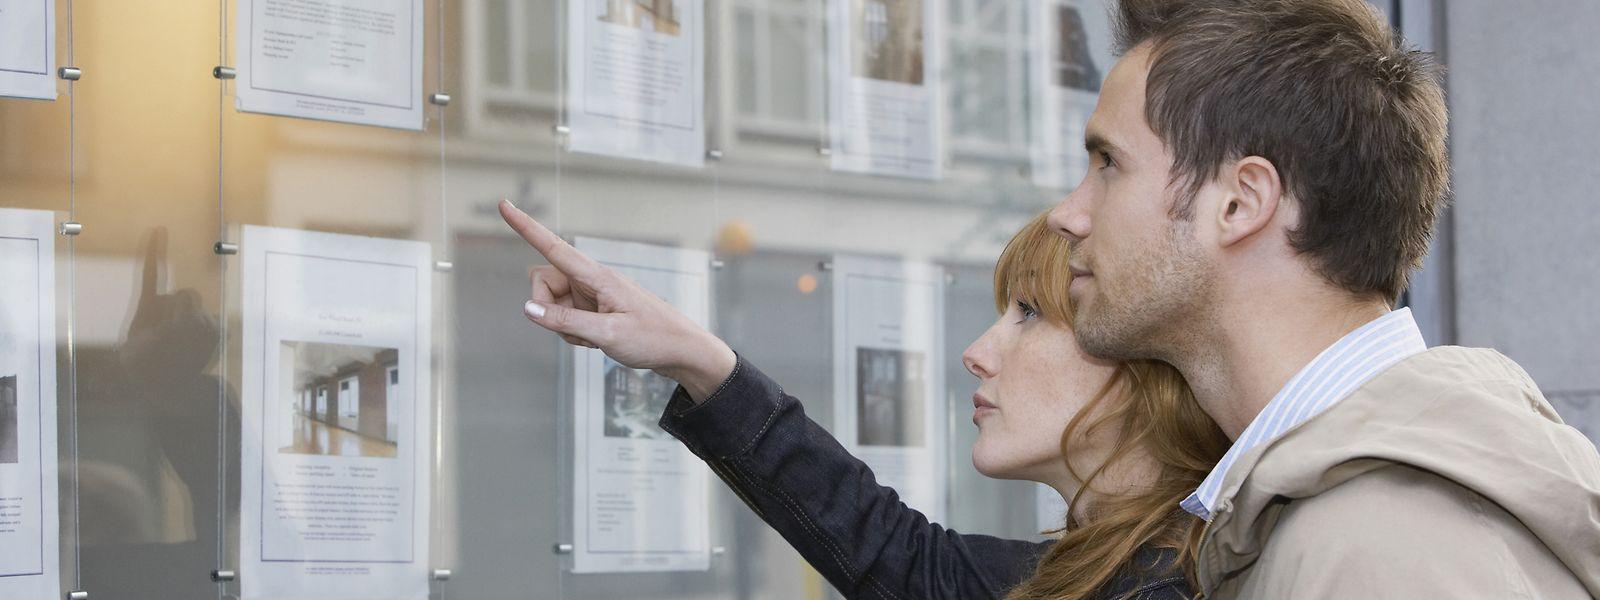 En 2018, louer un appartement au Luxembourg revenait, en moyenne, à 1.611 euros mensuels, selon l'Observatoire de l'habitat.